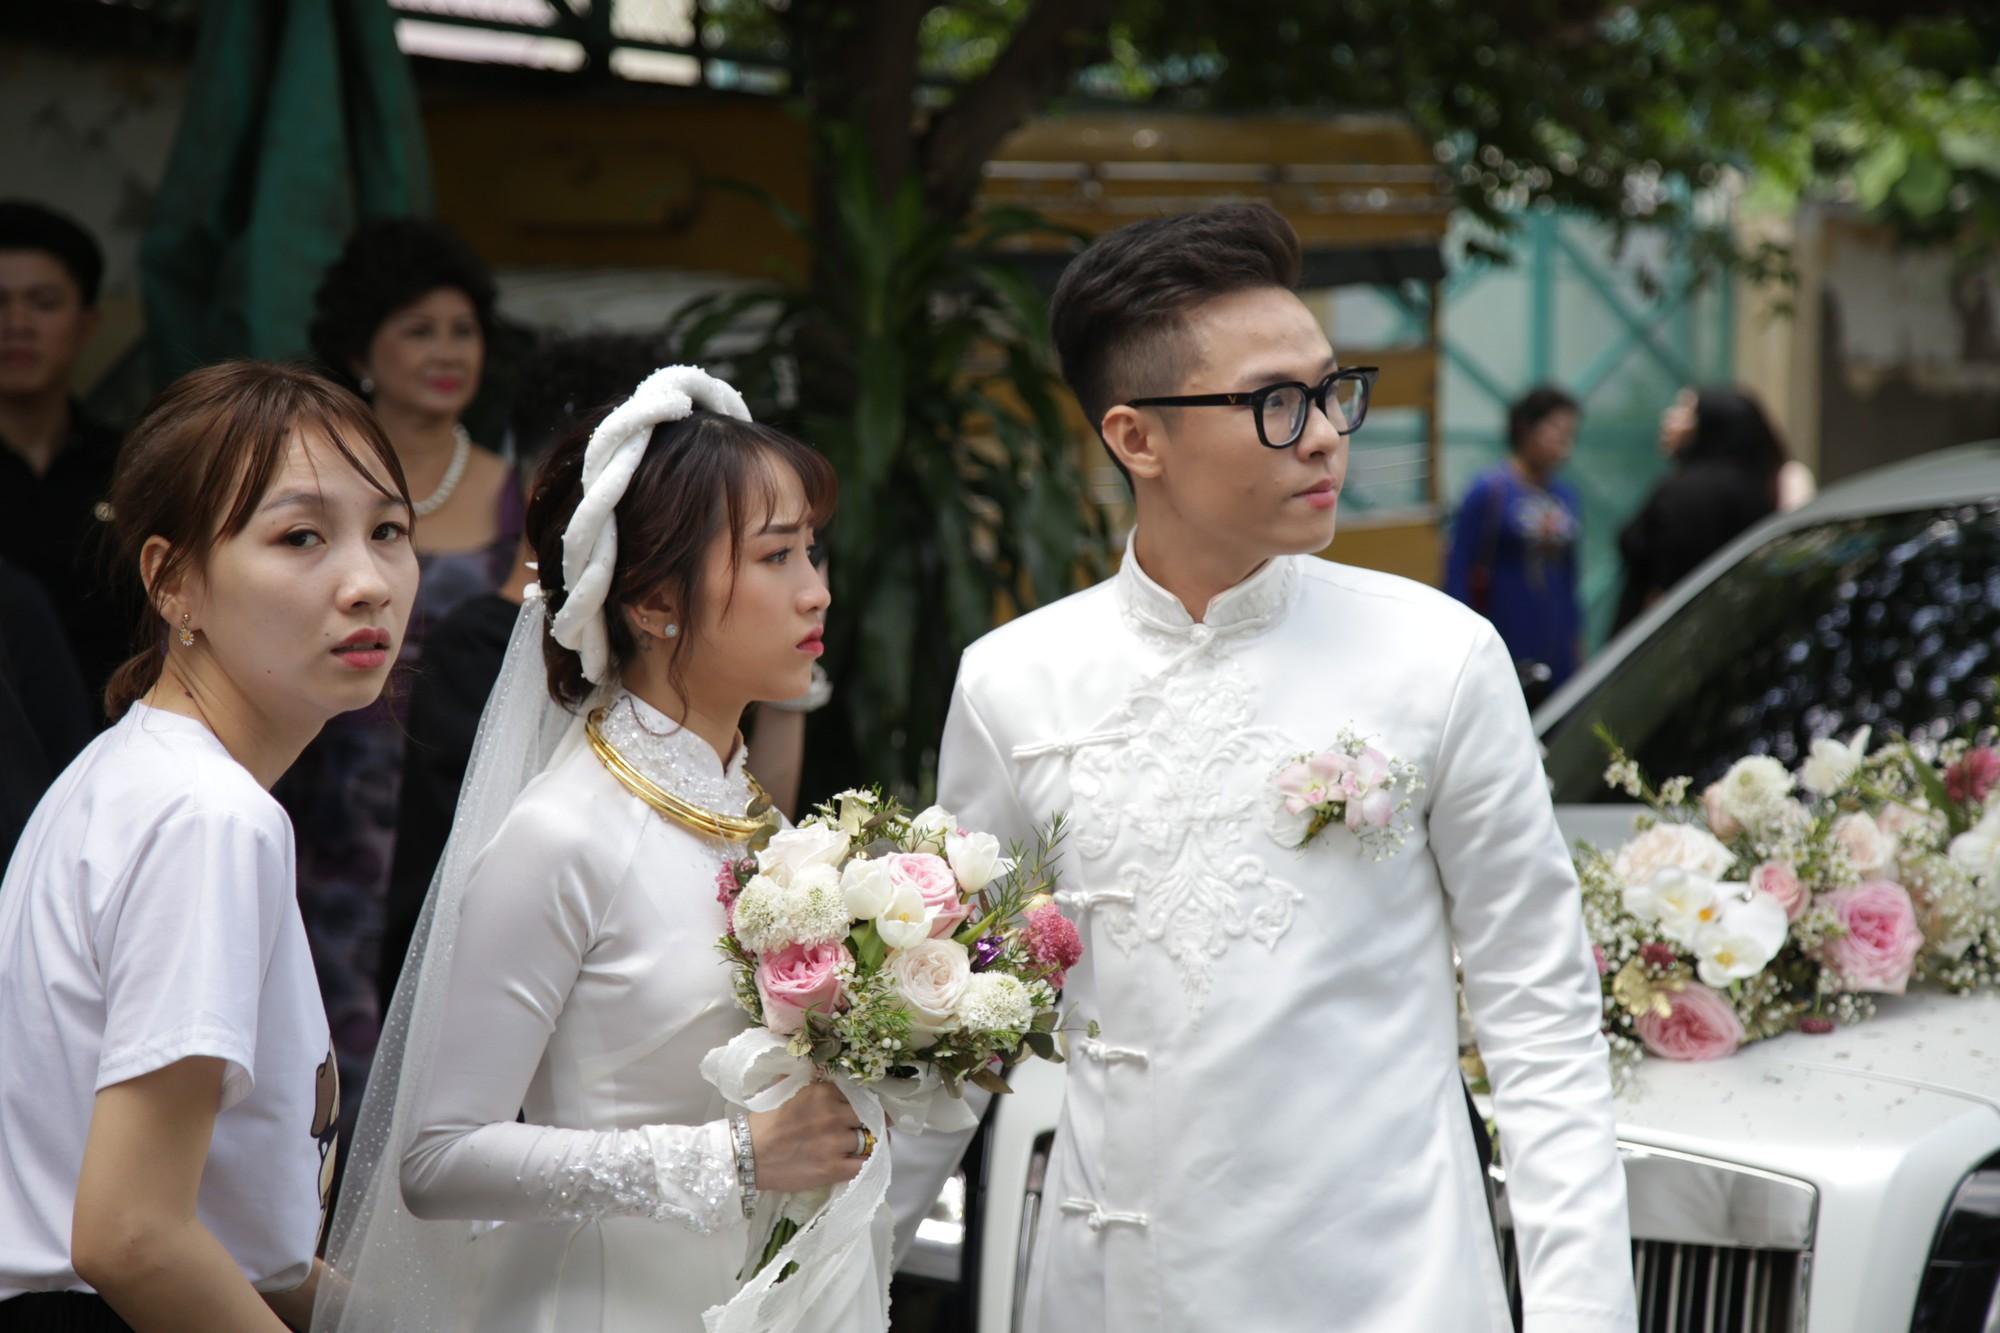 HOT: Toàn cảnh lễ đưa dâu toàn siêu xe hơn 100 tỷ của con gái đại gia Minh Nhựa, quà cưới toàn vàng, kim cương đeo đỏ tay-31